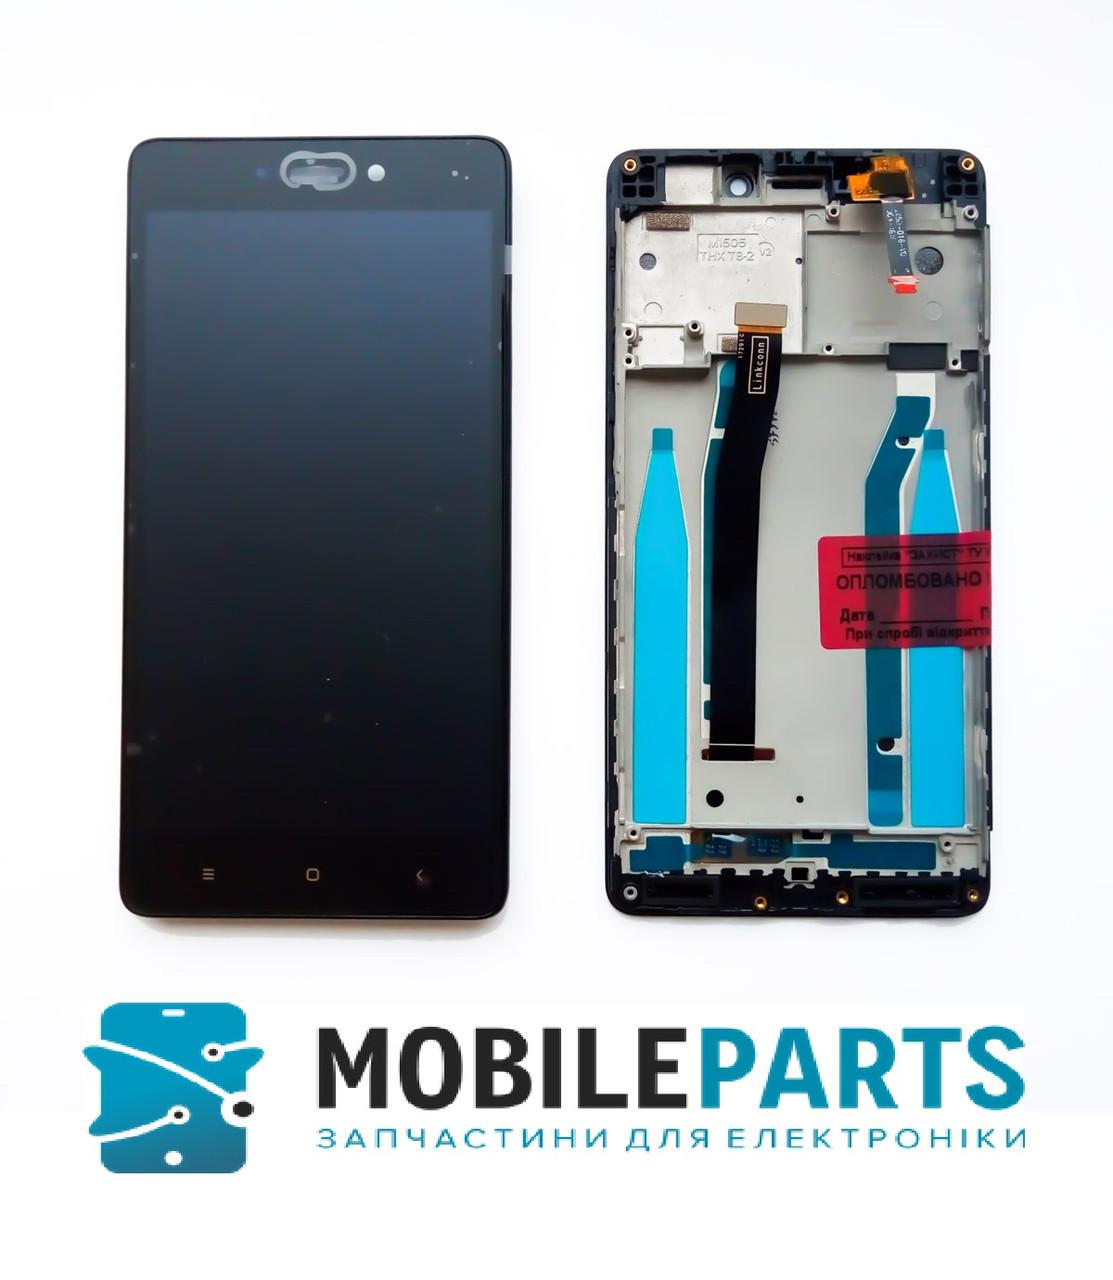 Дисплей для Xiaomi RedMi 3 | 3S | 3X | 3 Pro c сенсорным стеклом в рамке (Черный) Оригинал Китай